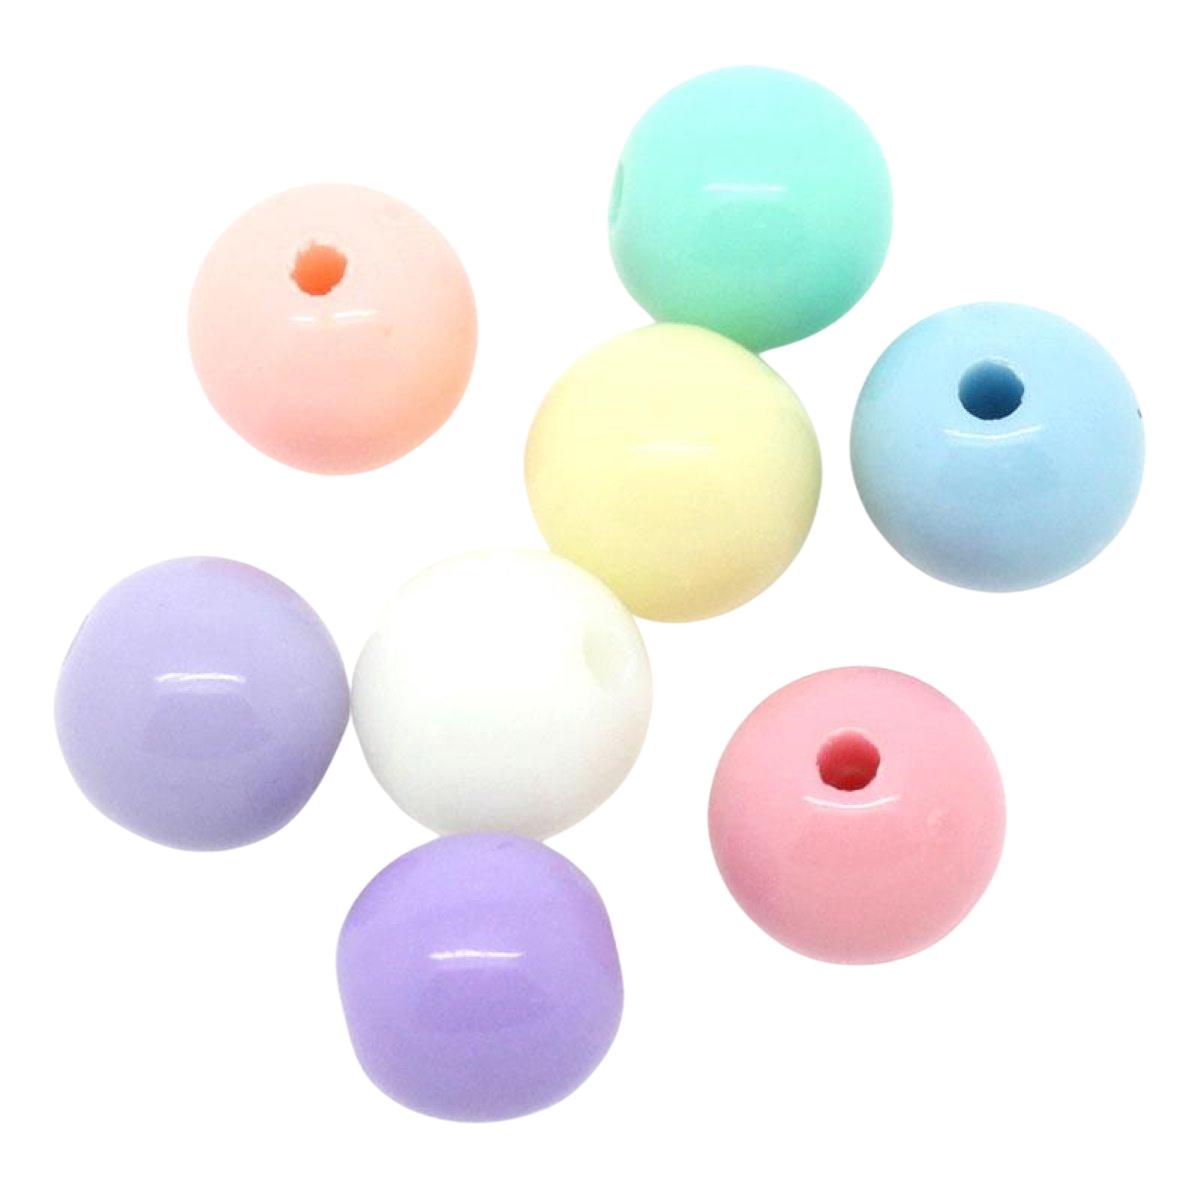 Acrylperlen Mix Pastellfarben, 6mm, 500 Stück